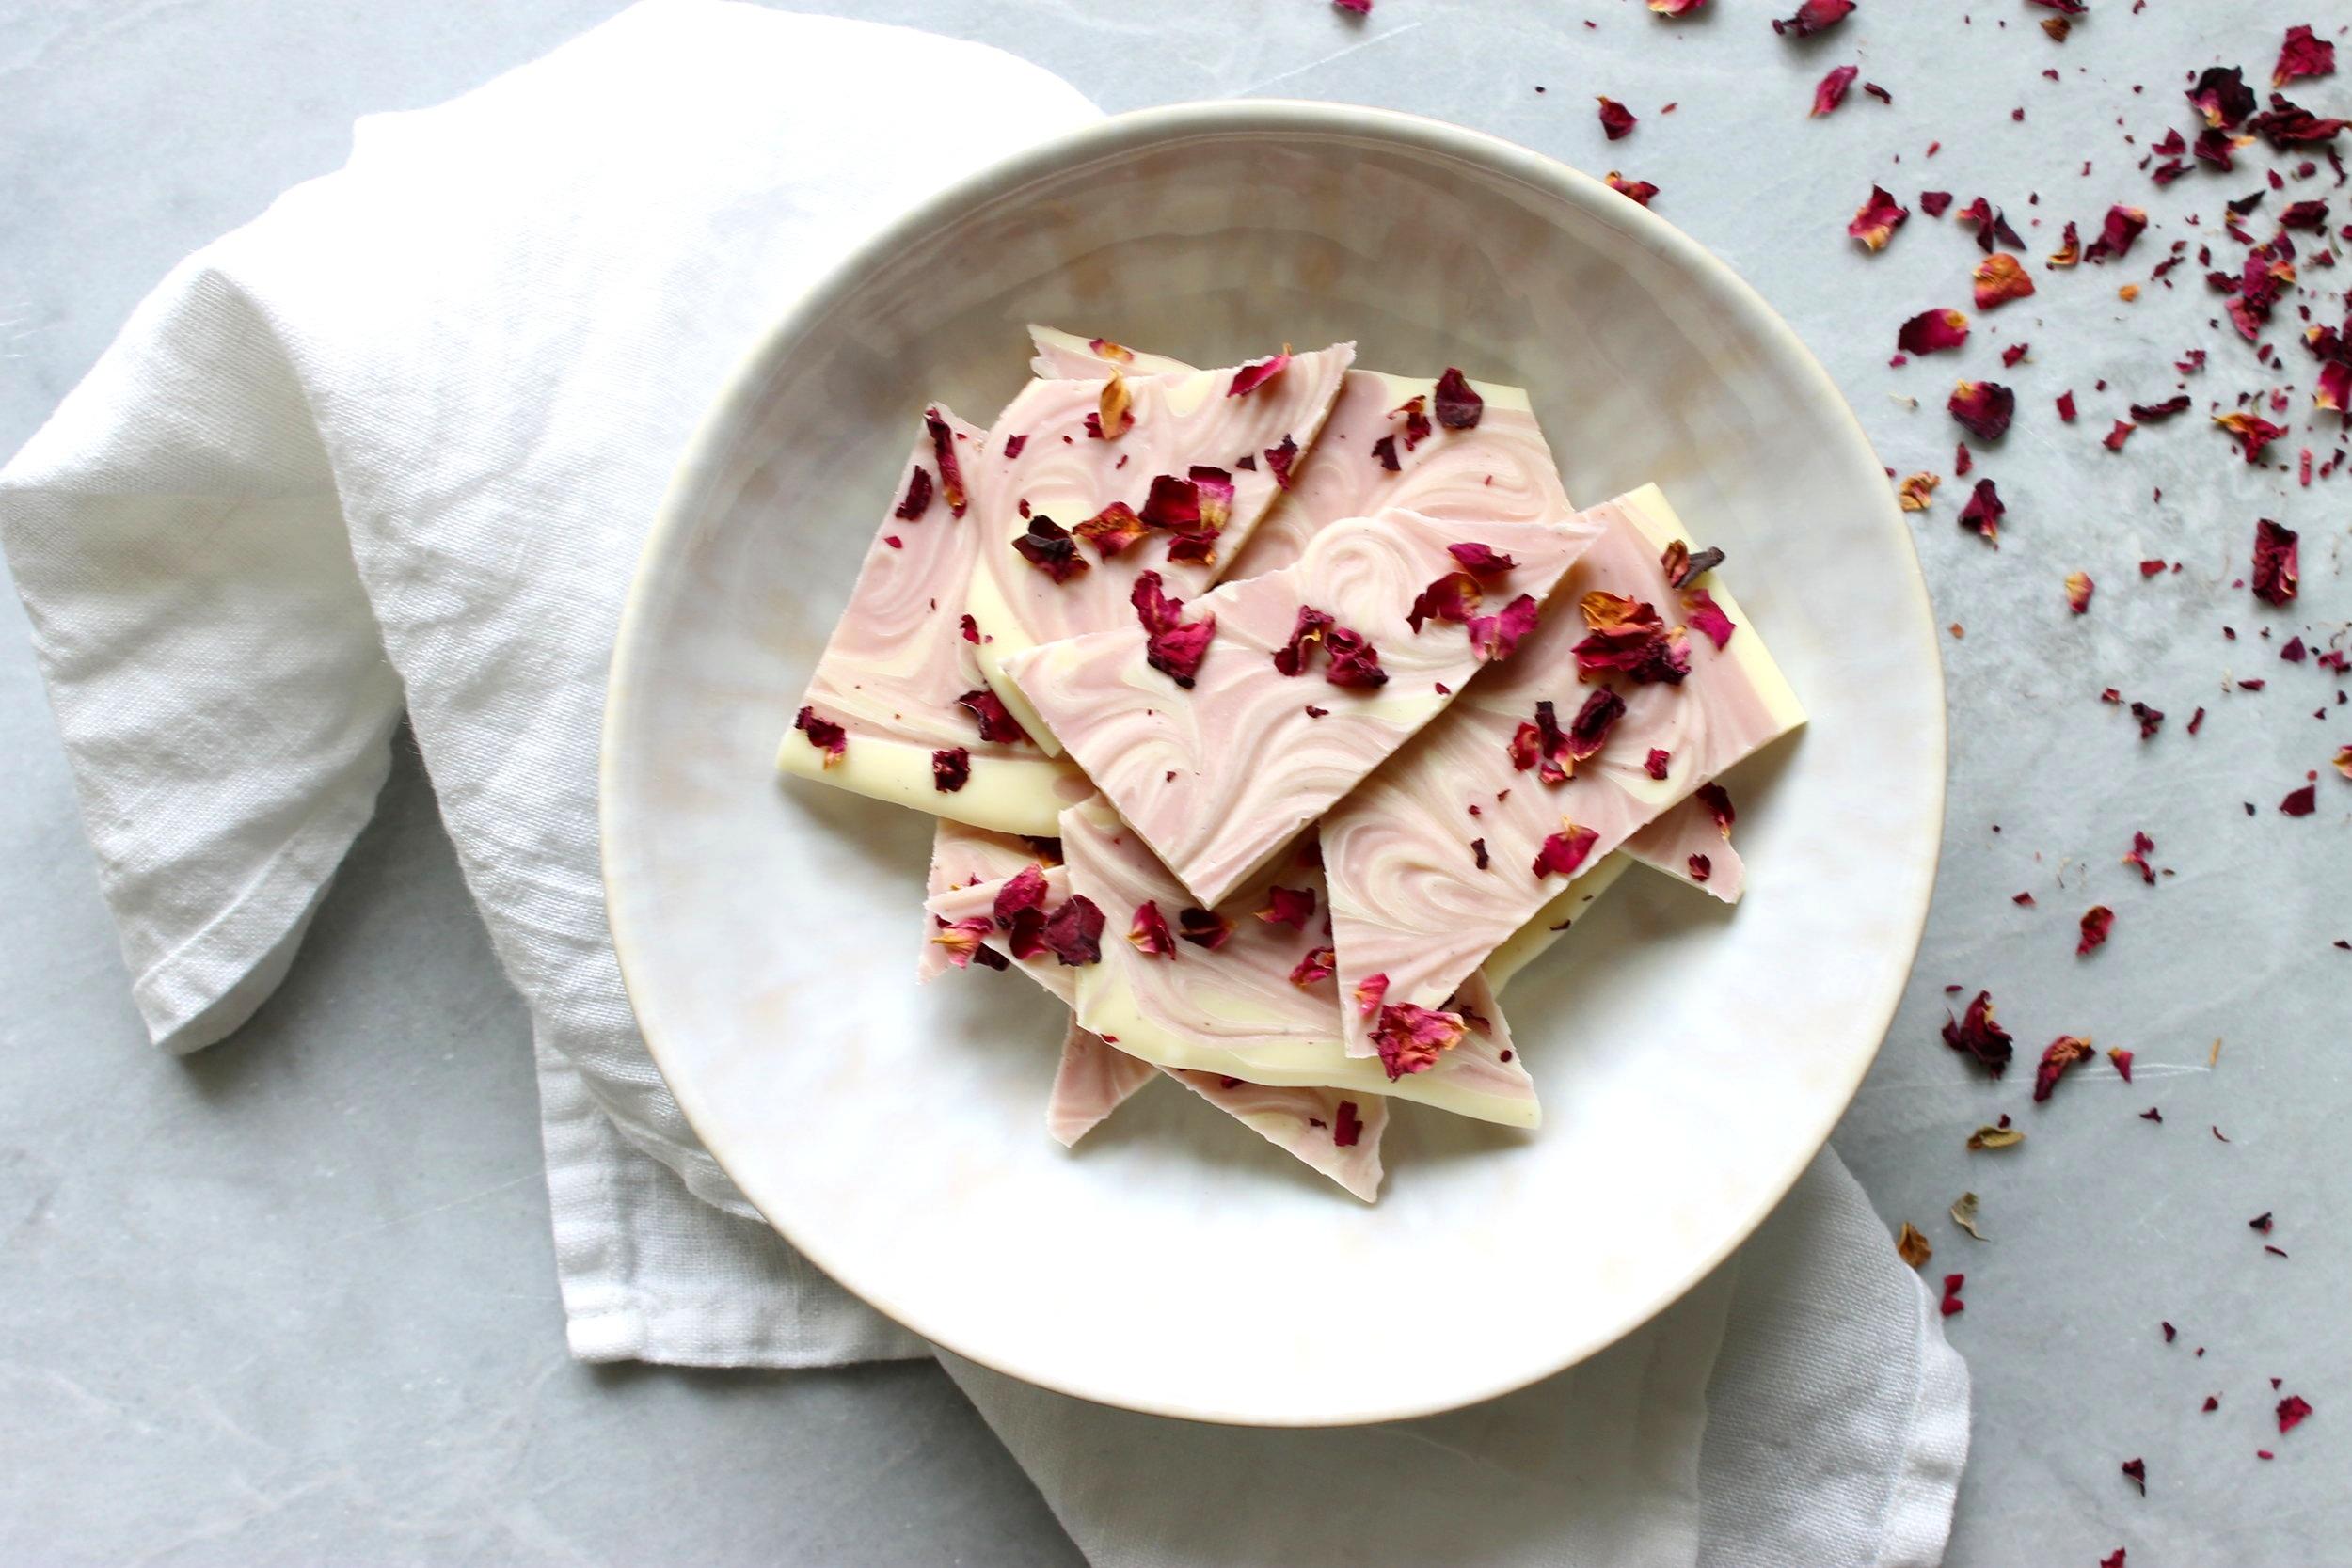 Maraschino cherry and rose white chocolate bark {gluten free}